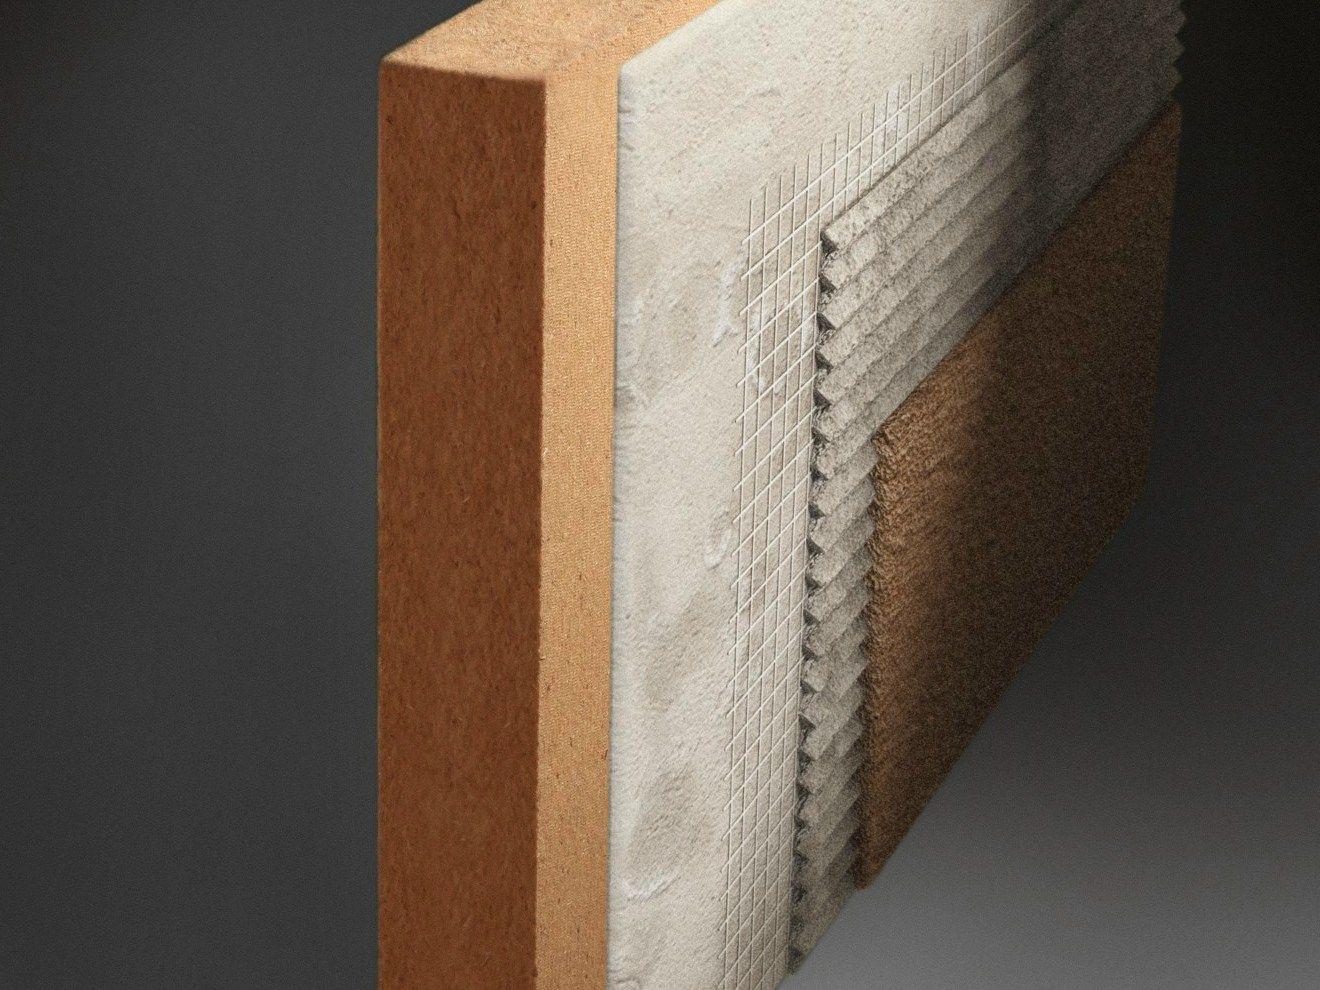 Panneau thermo isolant en fibre de bois sylvactis 140 sd for Isolant fibre de bois